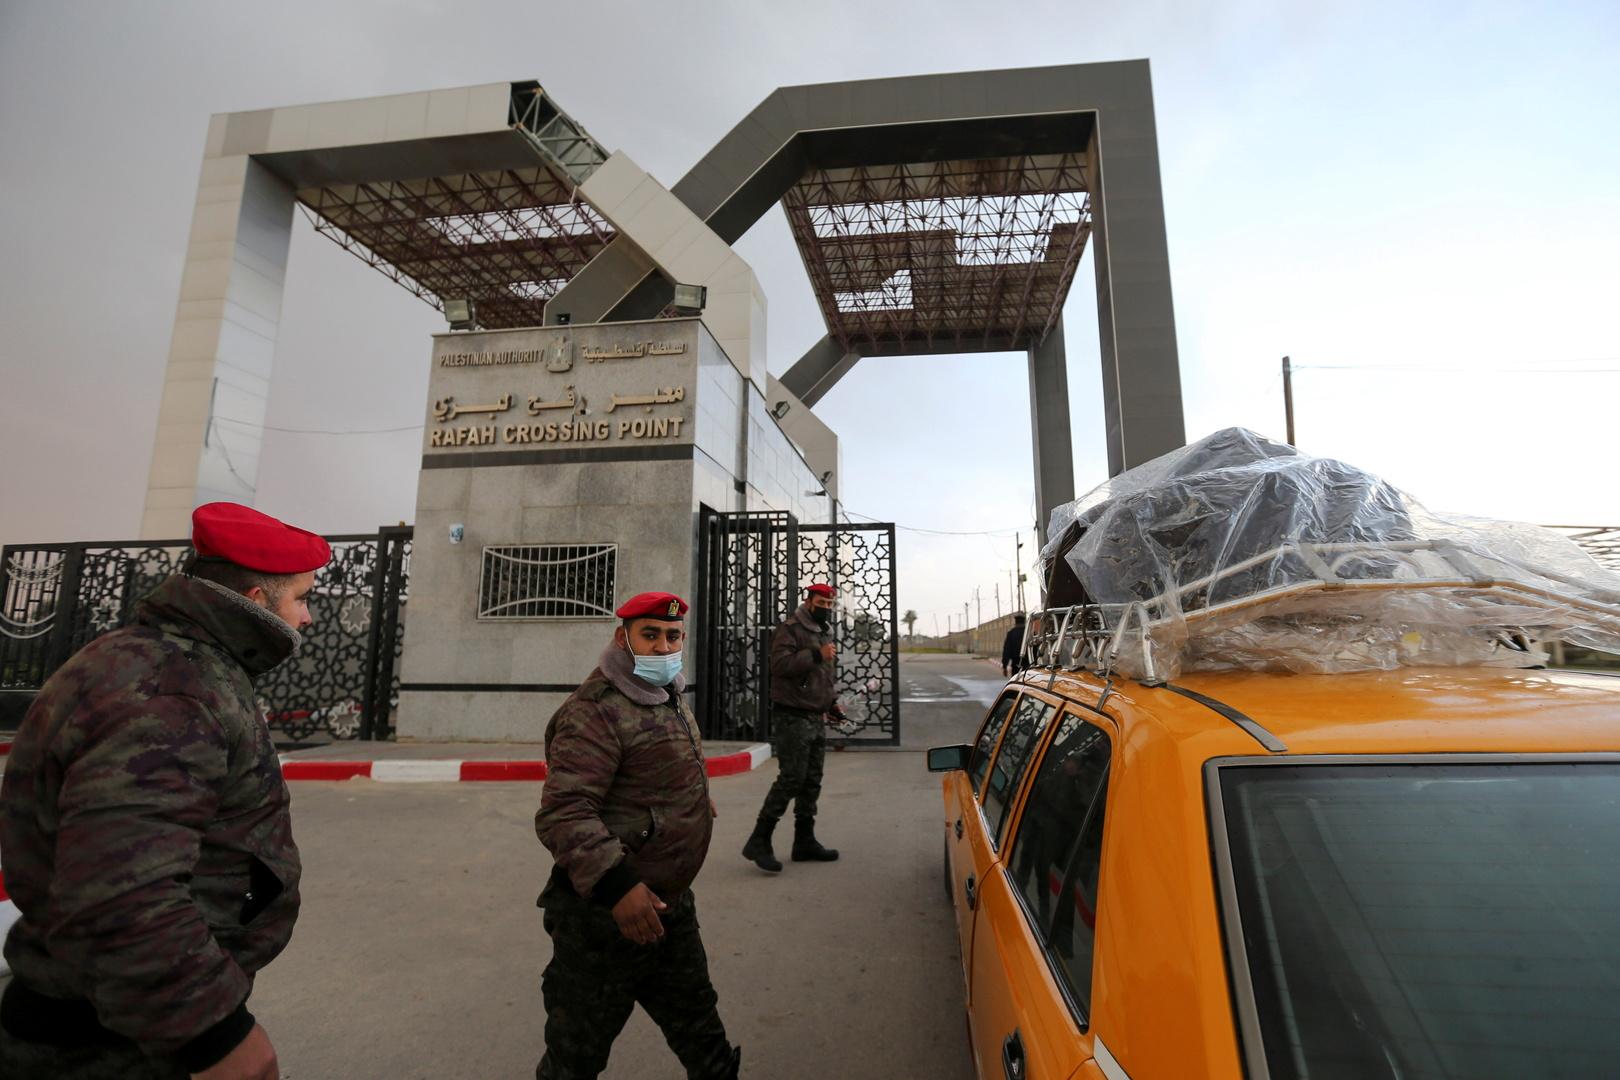 وصول 10 سيارات إسعاف مصرية إلى معبر رفح على الحدود مع غزة لنقل الجرحى الفلسطينيين